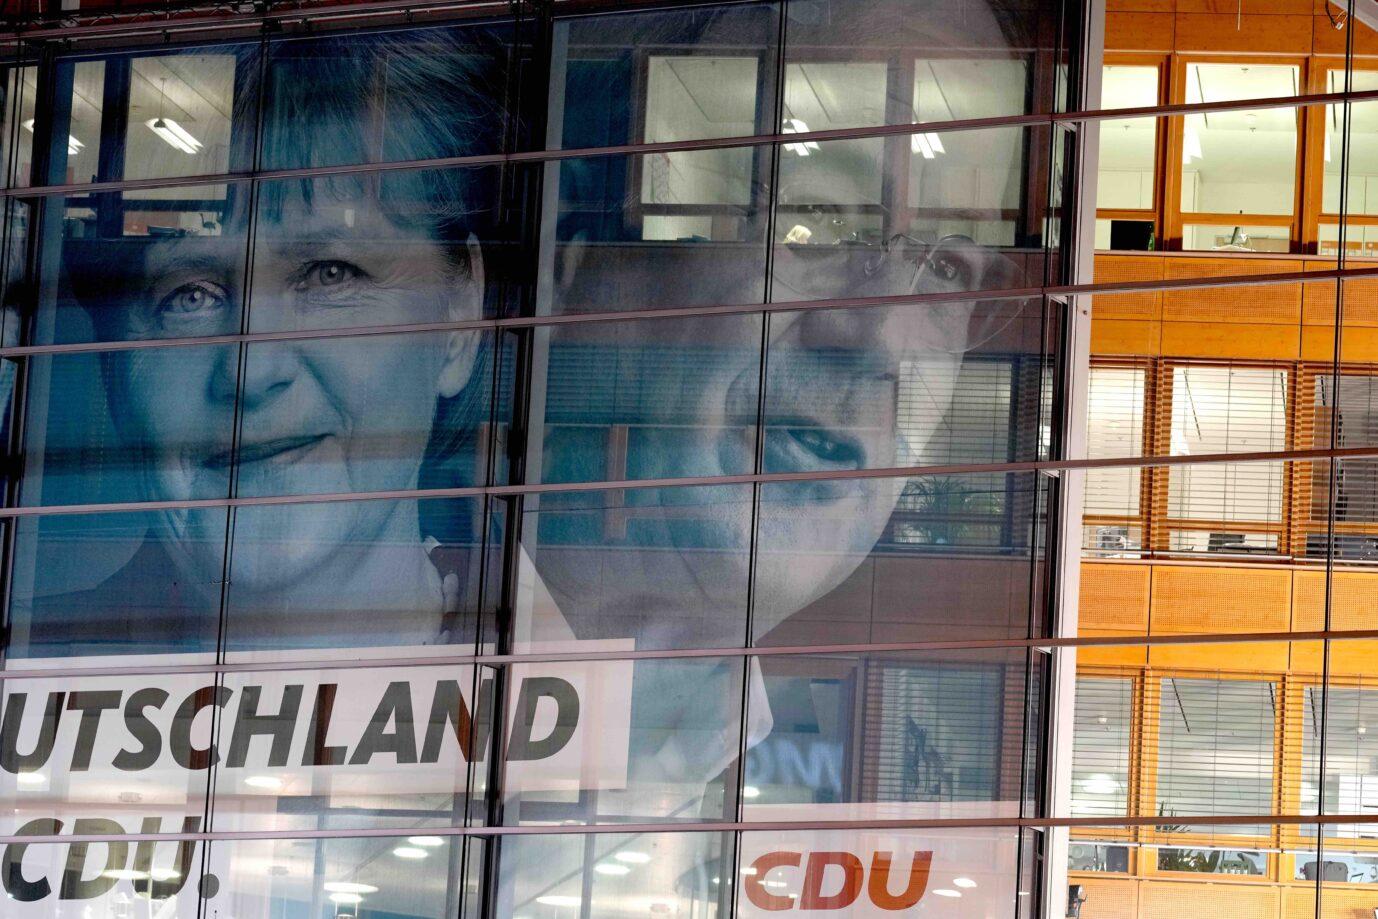 Bundestagswahl 2021: Dieses miserable Ergebnis verdankt die Union Angela Merkel